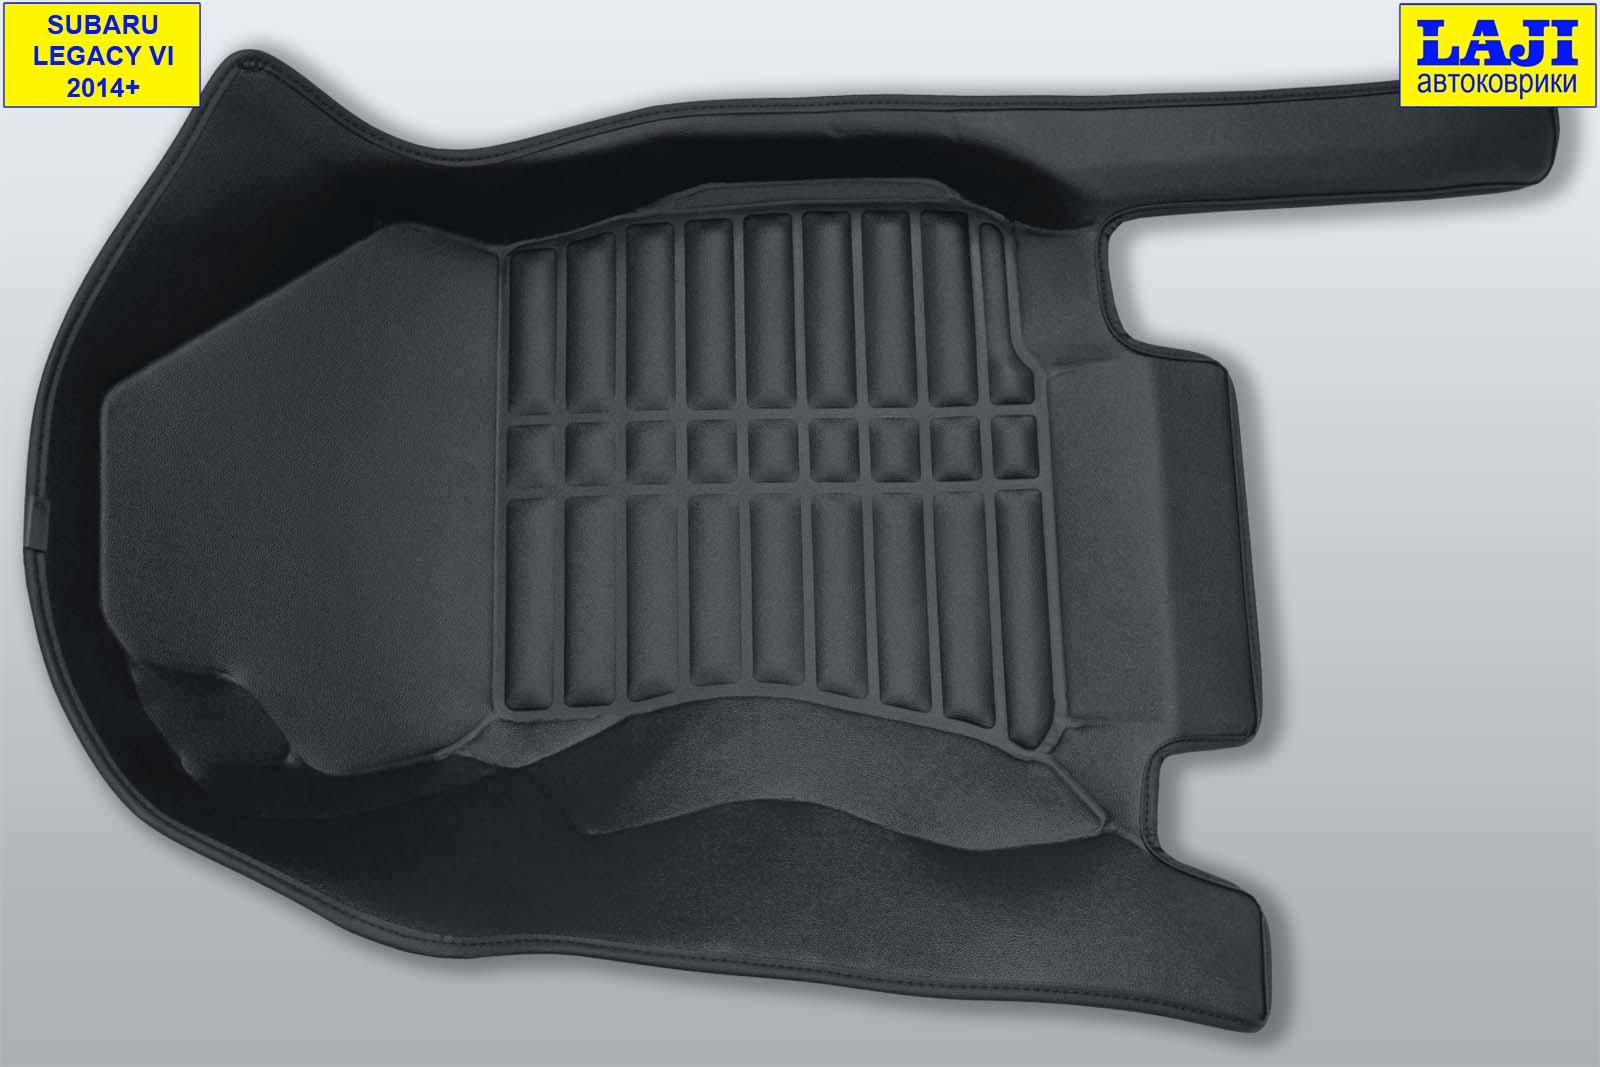 5D коврики в салон Subaru Legacy VI 2014-н.в. 5